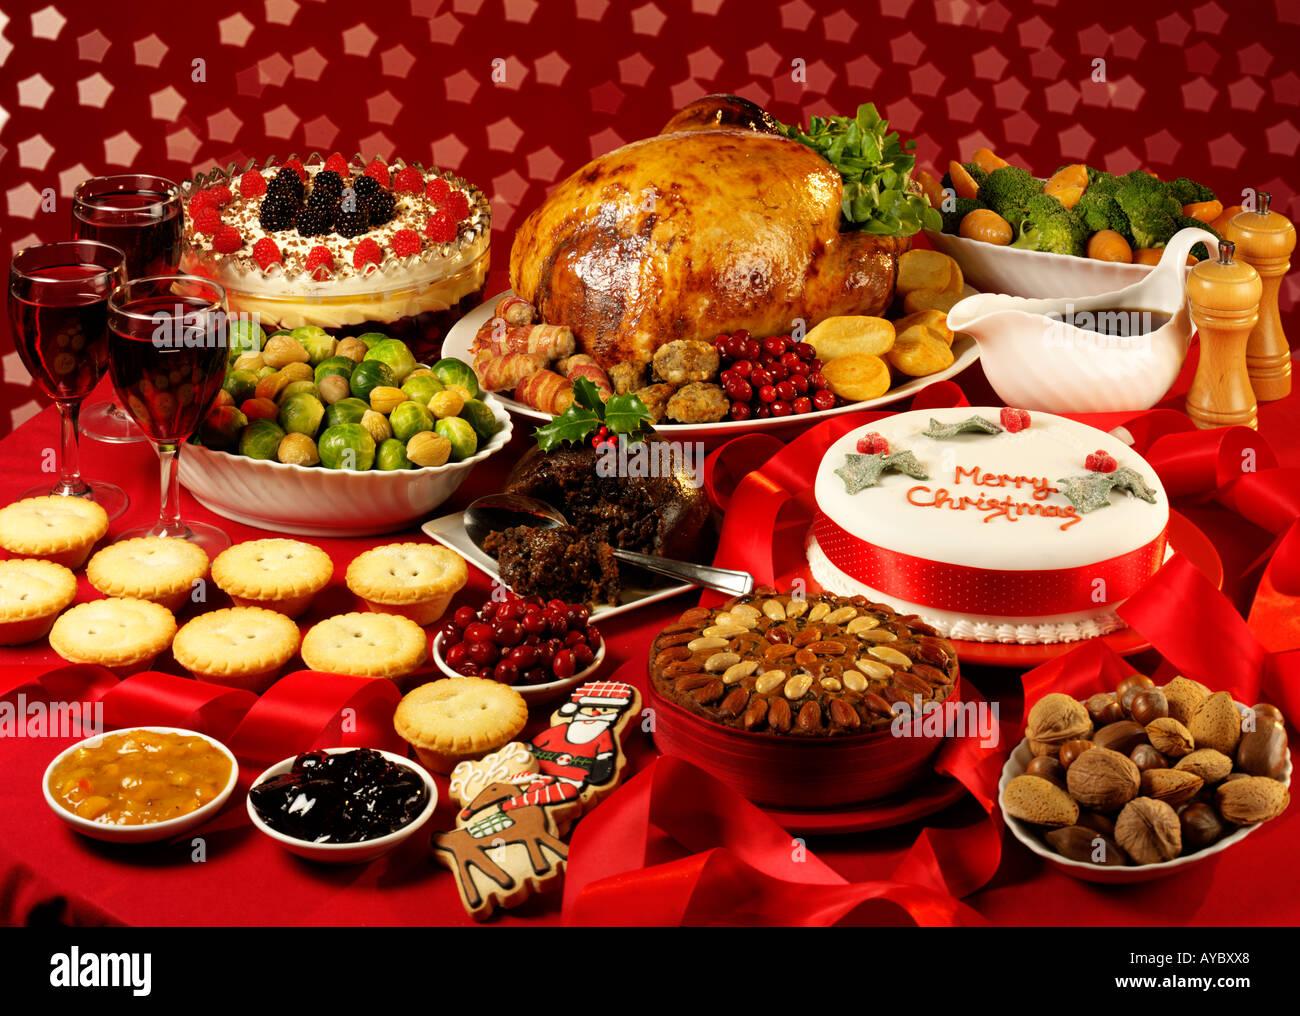 TRADITIONAL CHRISTMAS FOOD Stock Photo: 9748263